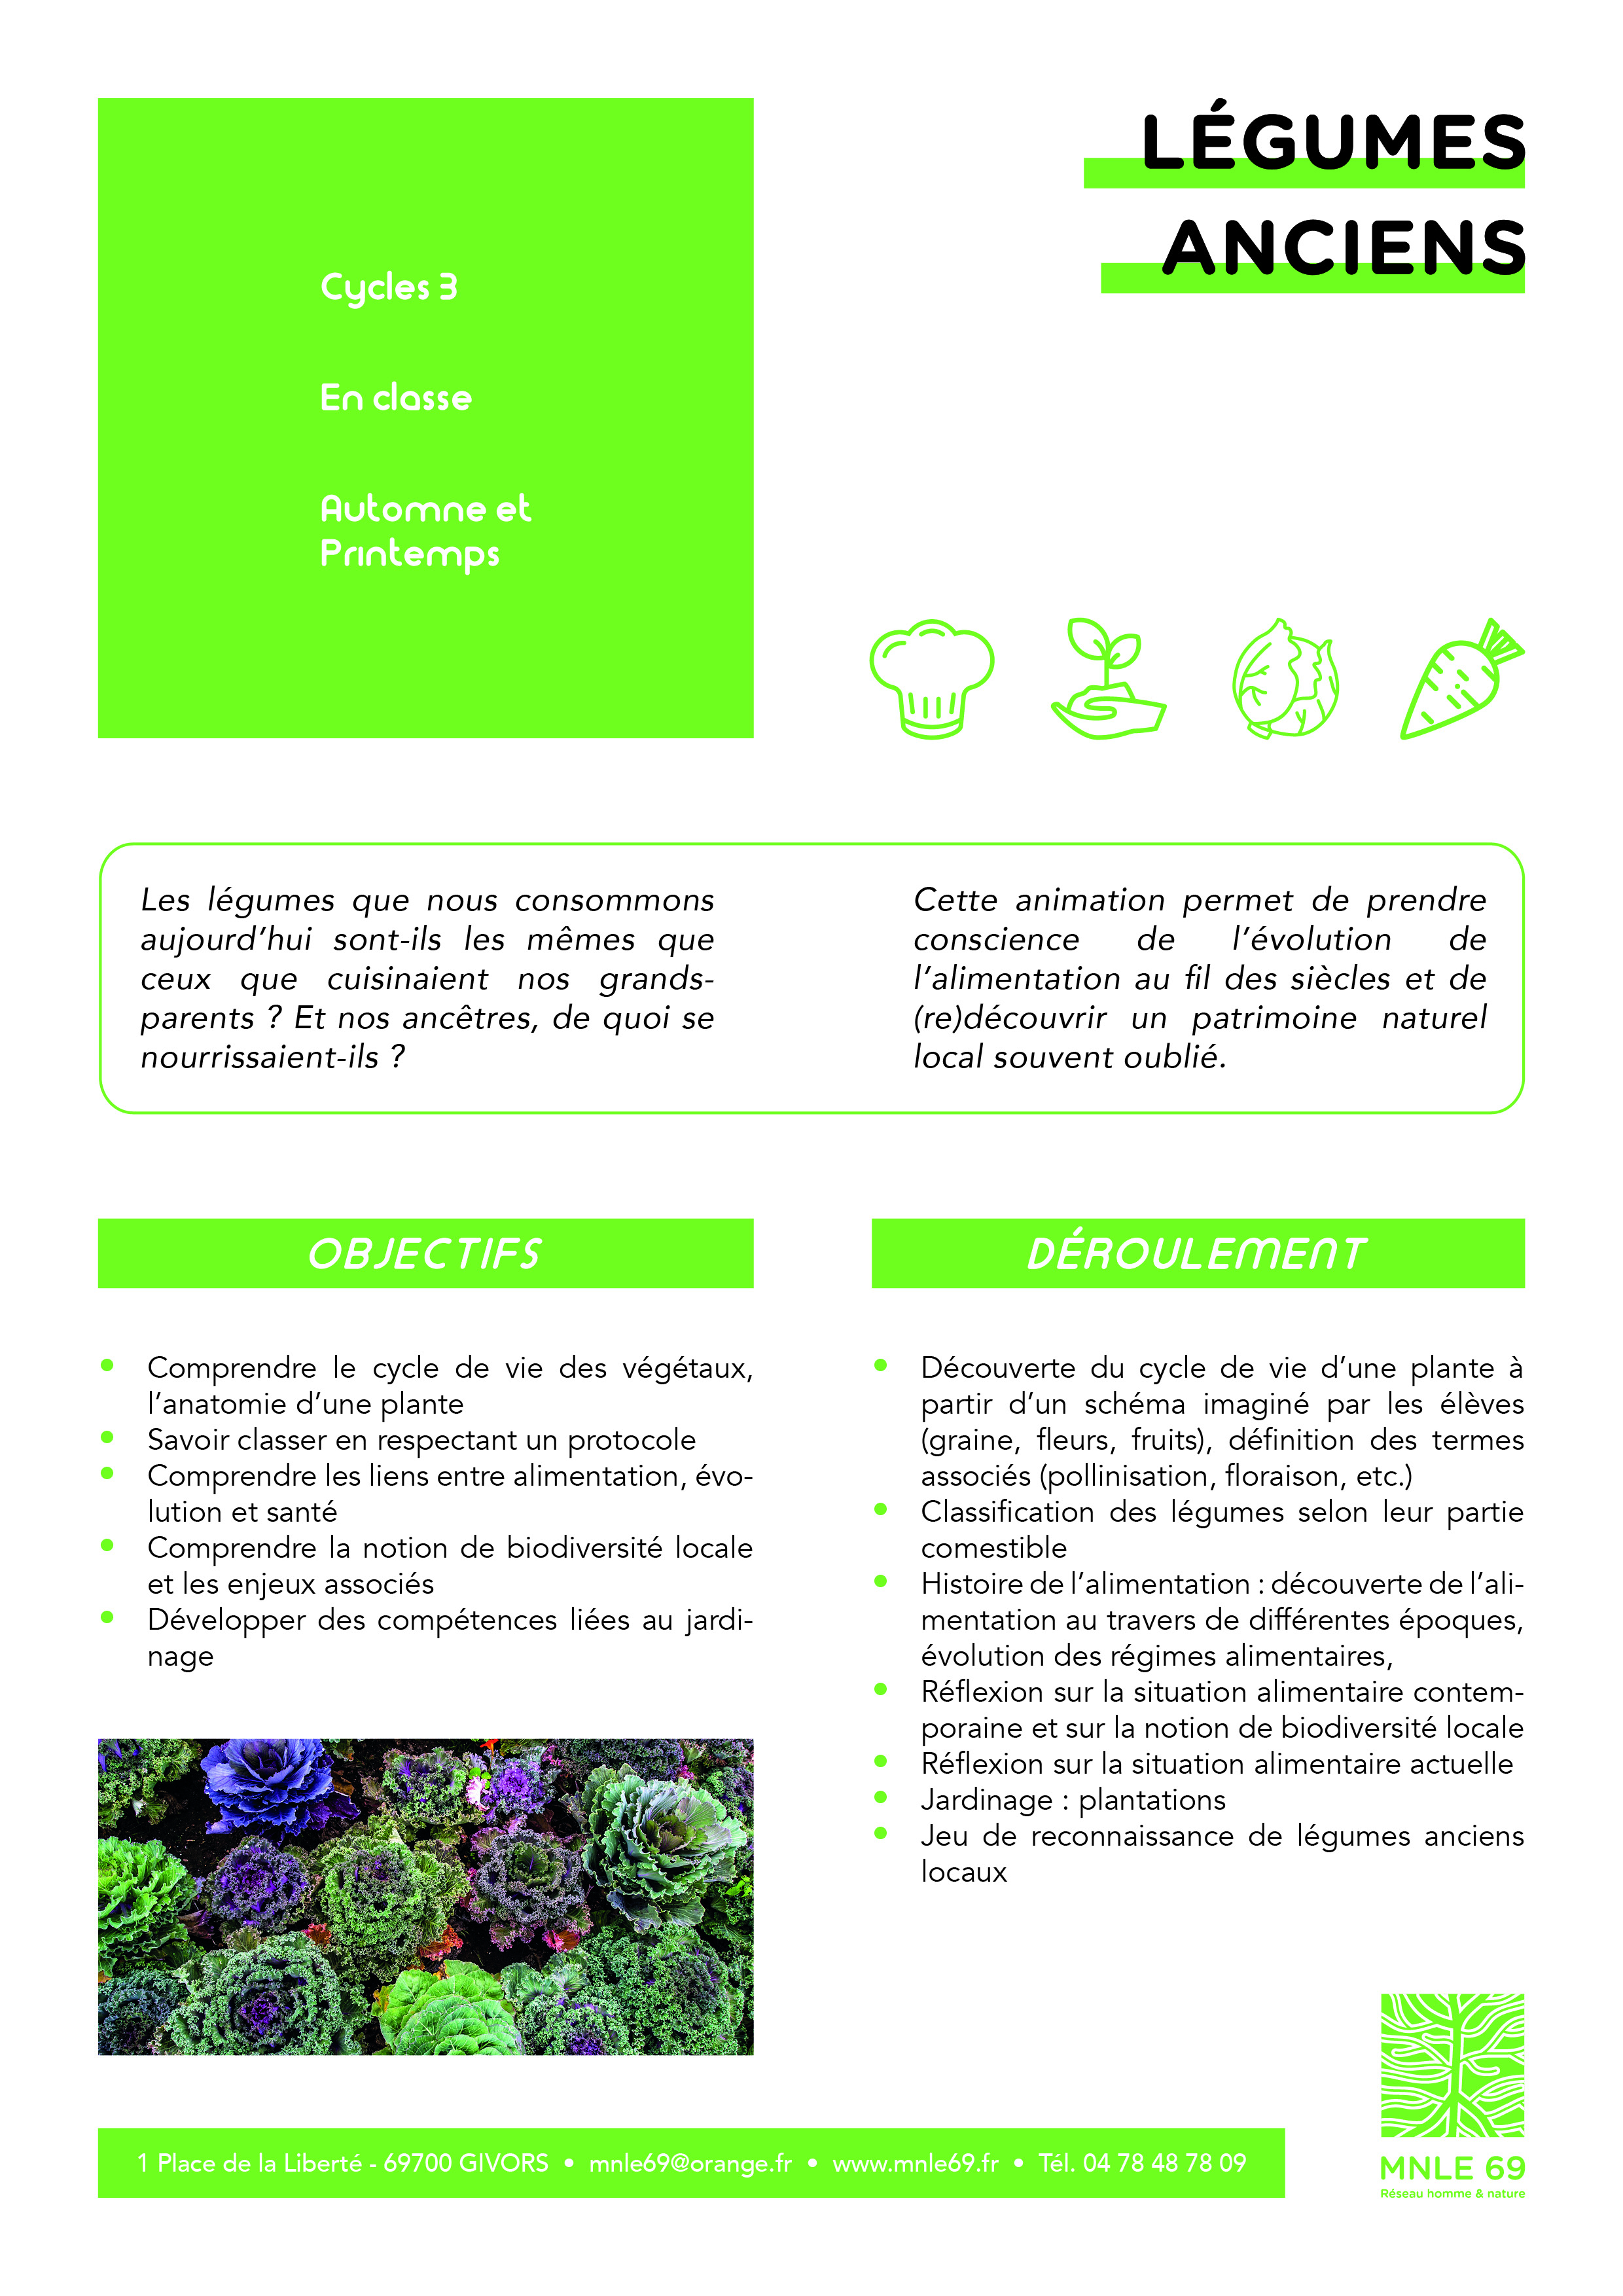 LegumesAnciens